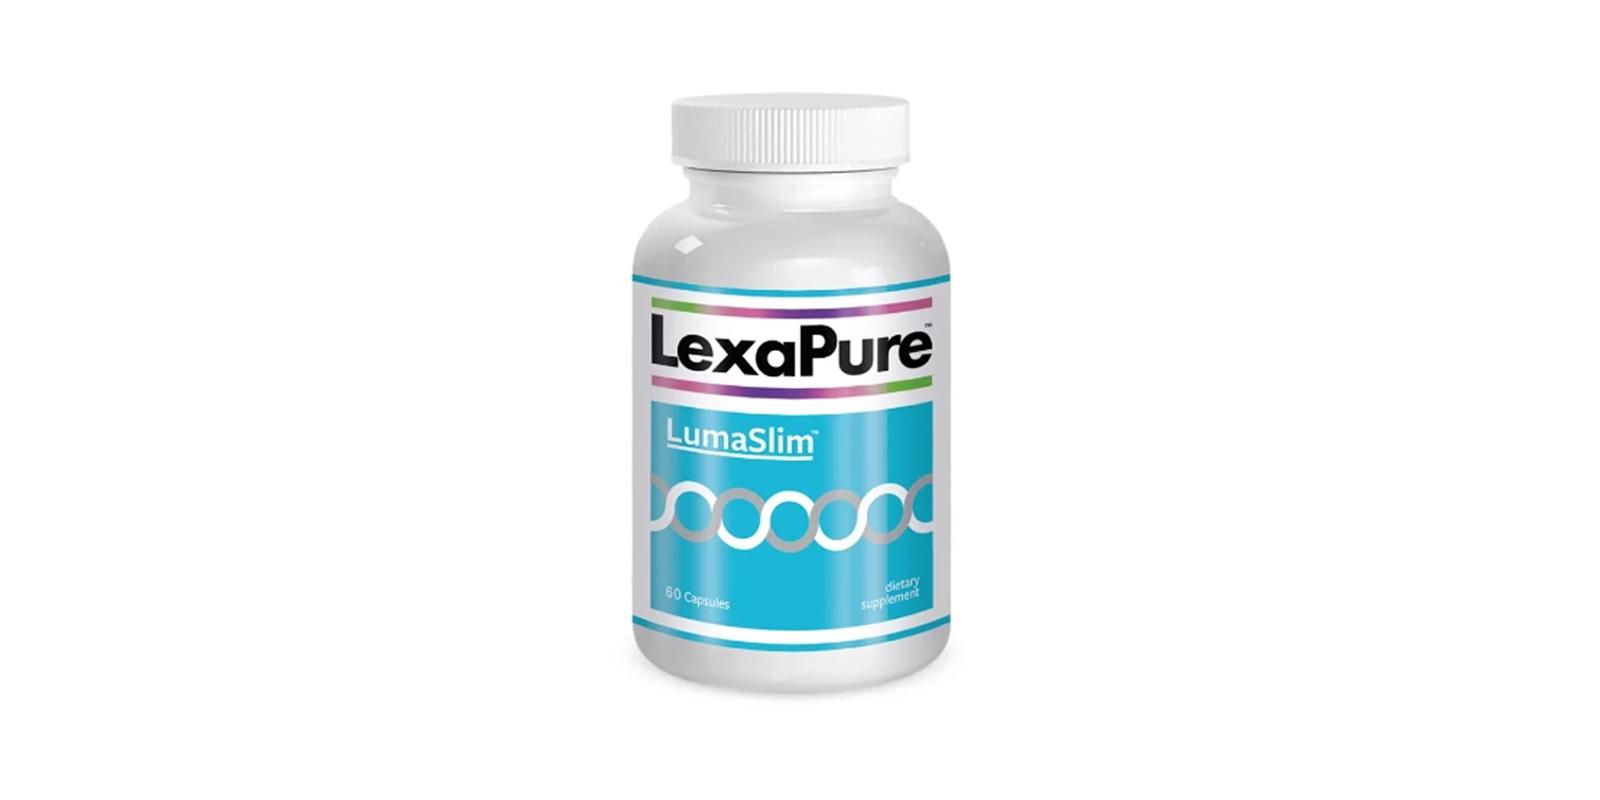 LexaPure Luma Slim review